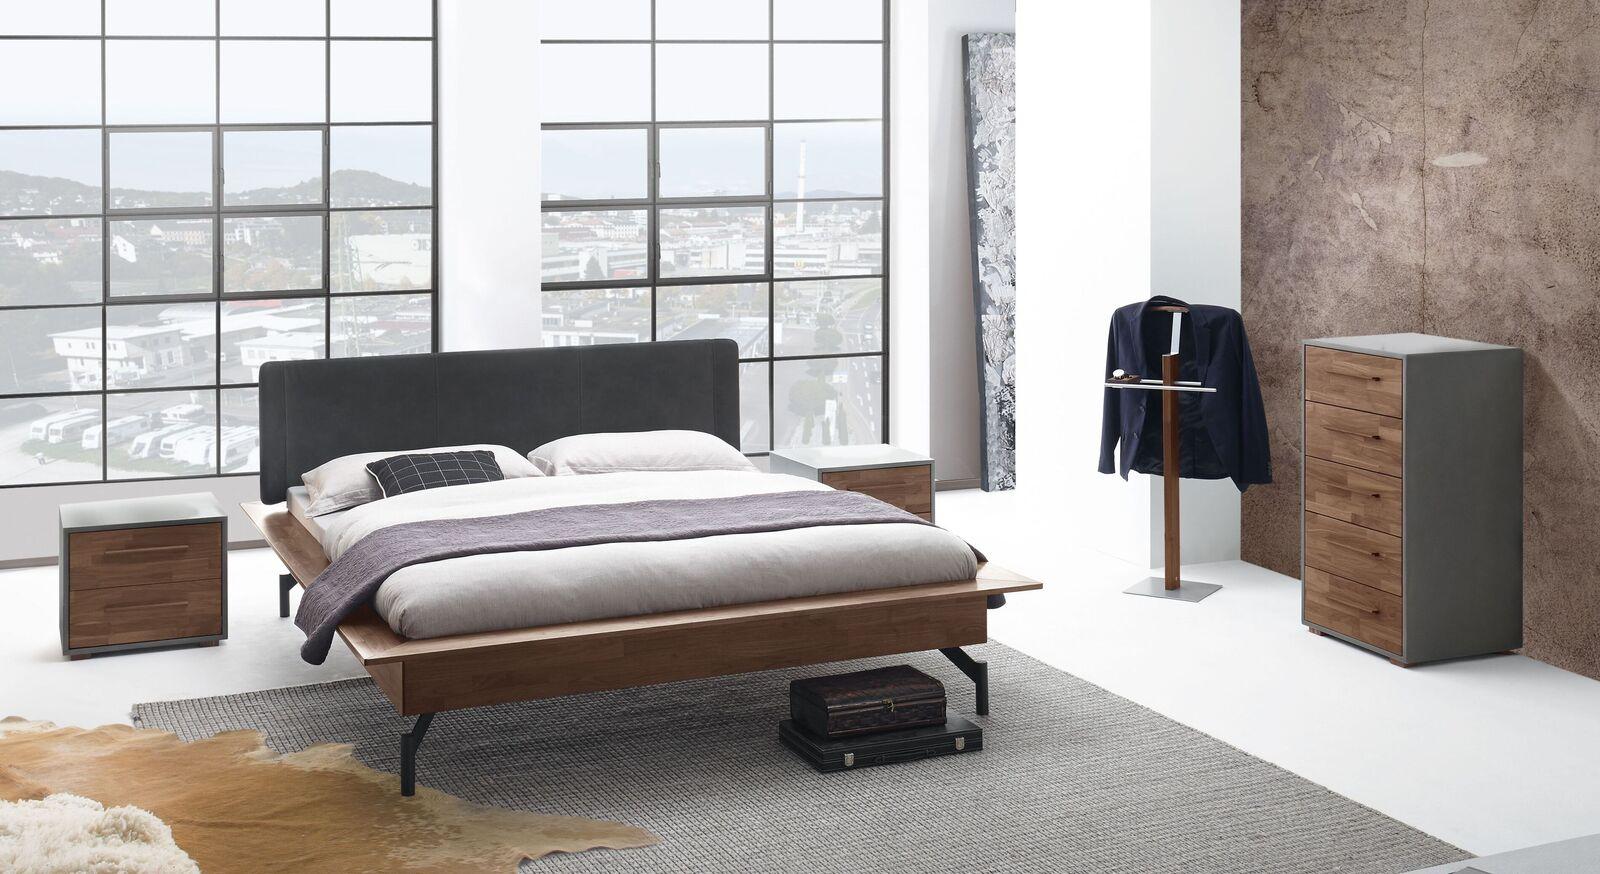 Bett Tolacon mit passenden Schlafzimmer-Möbeln